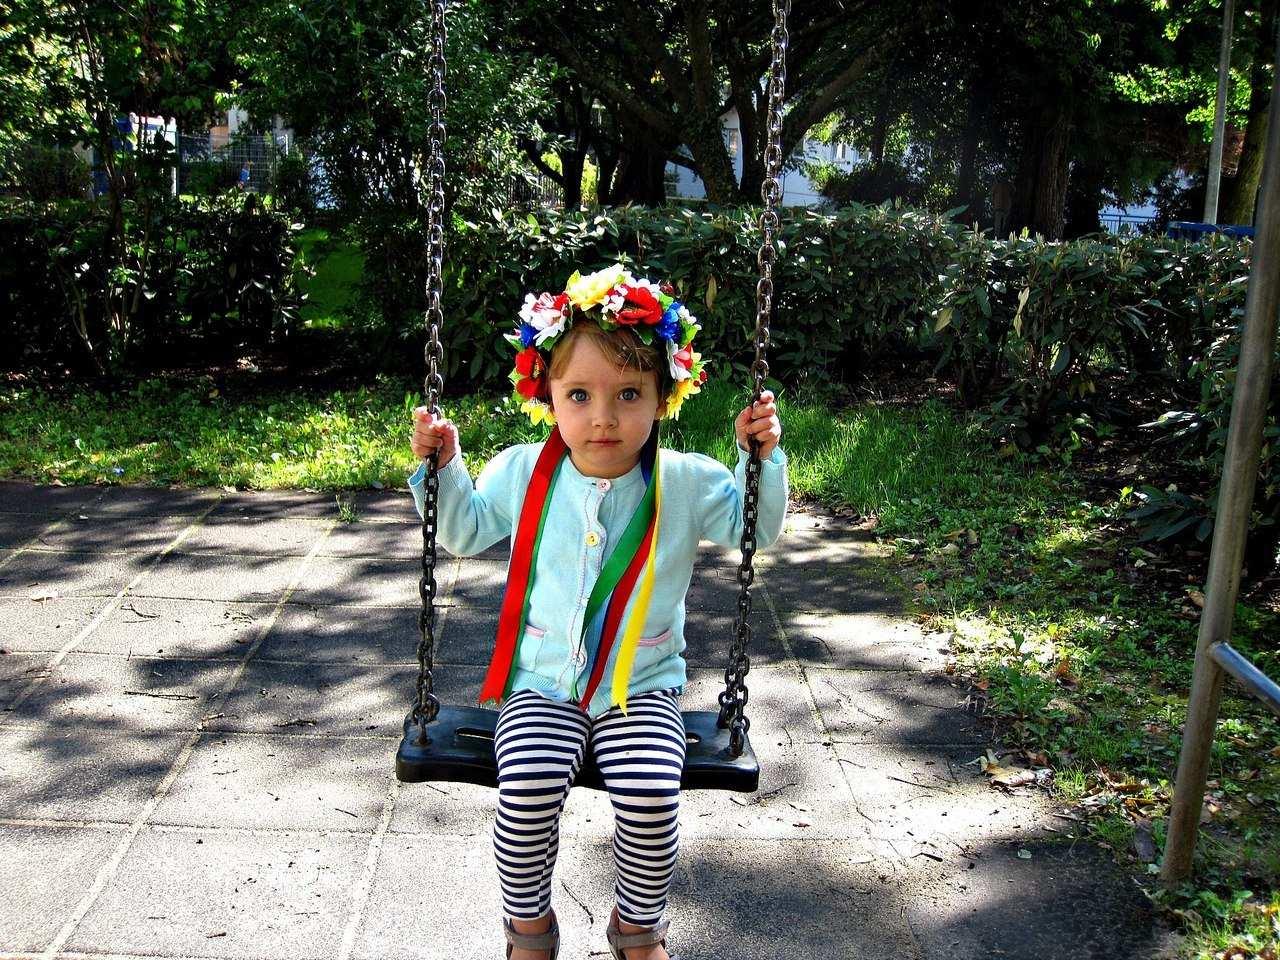 Маленька дівчинка на гойдалці